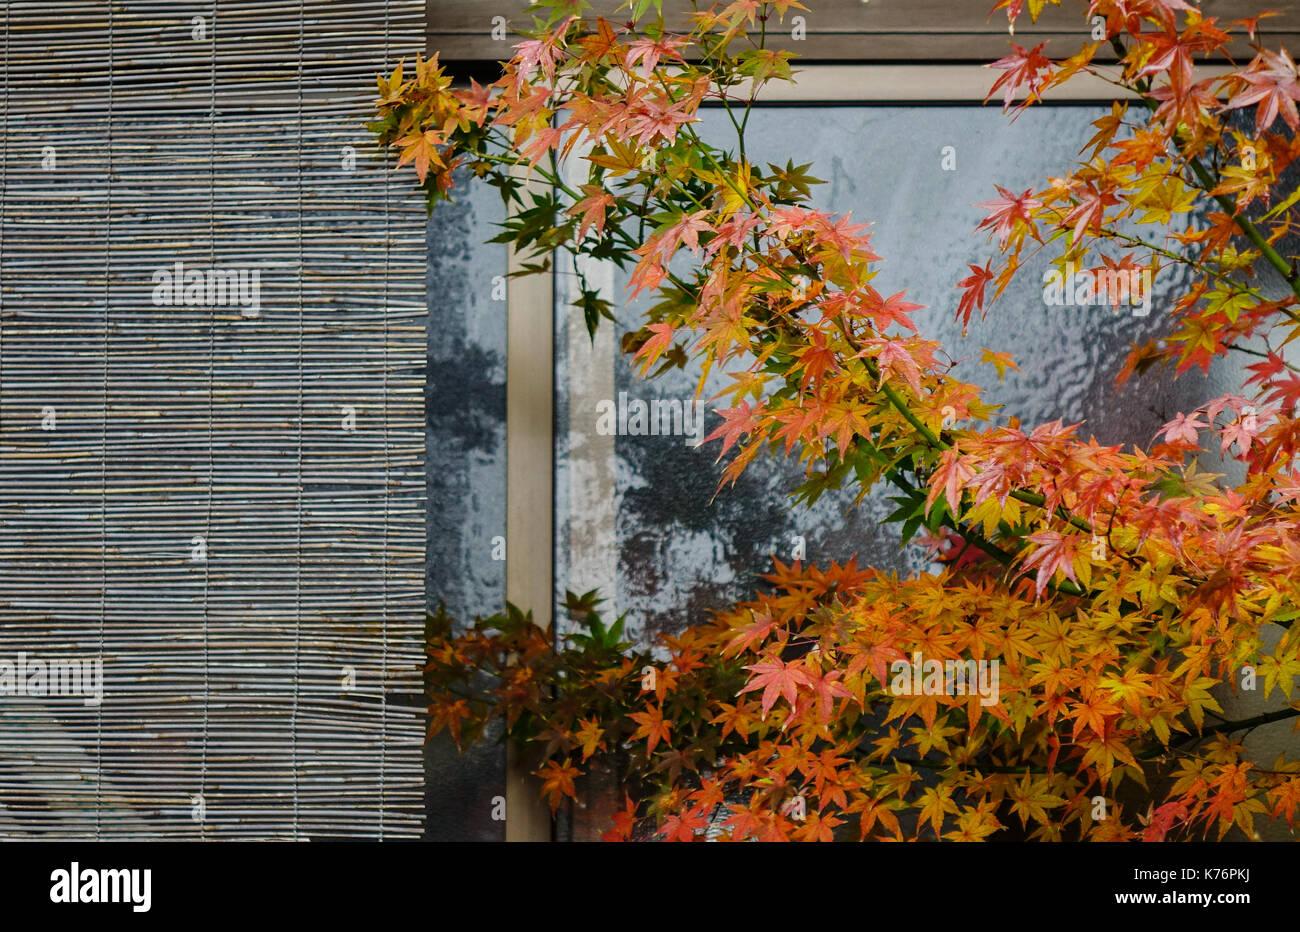 Bamboo Curtain Stock Photos & Bamboo Curtain Stock Images